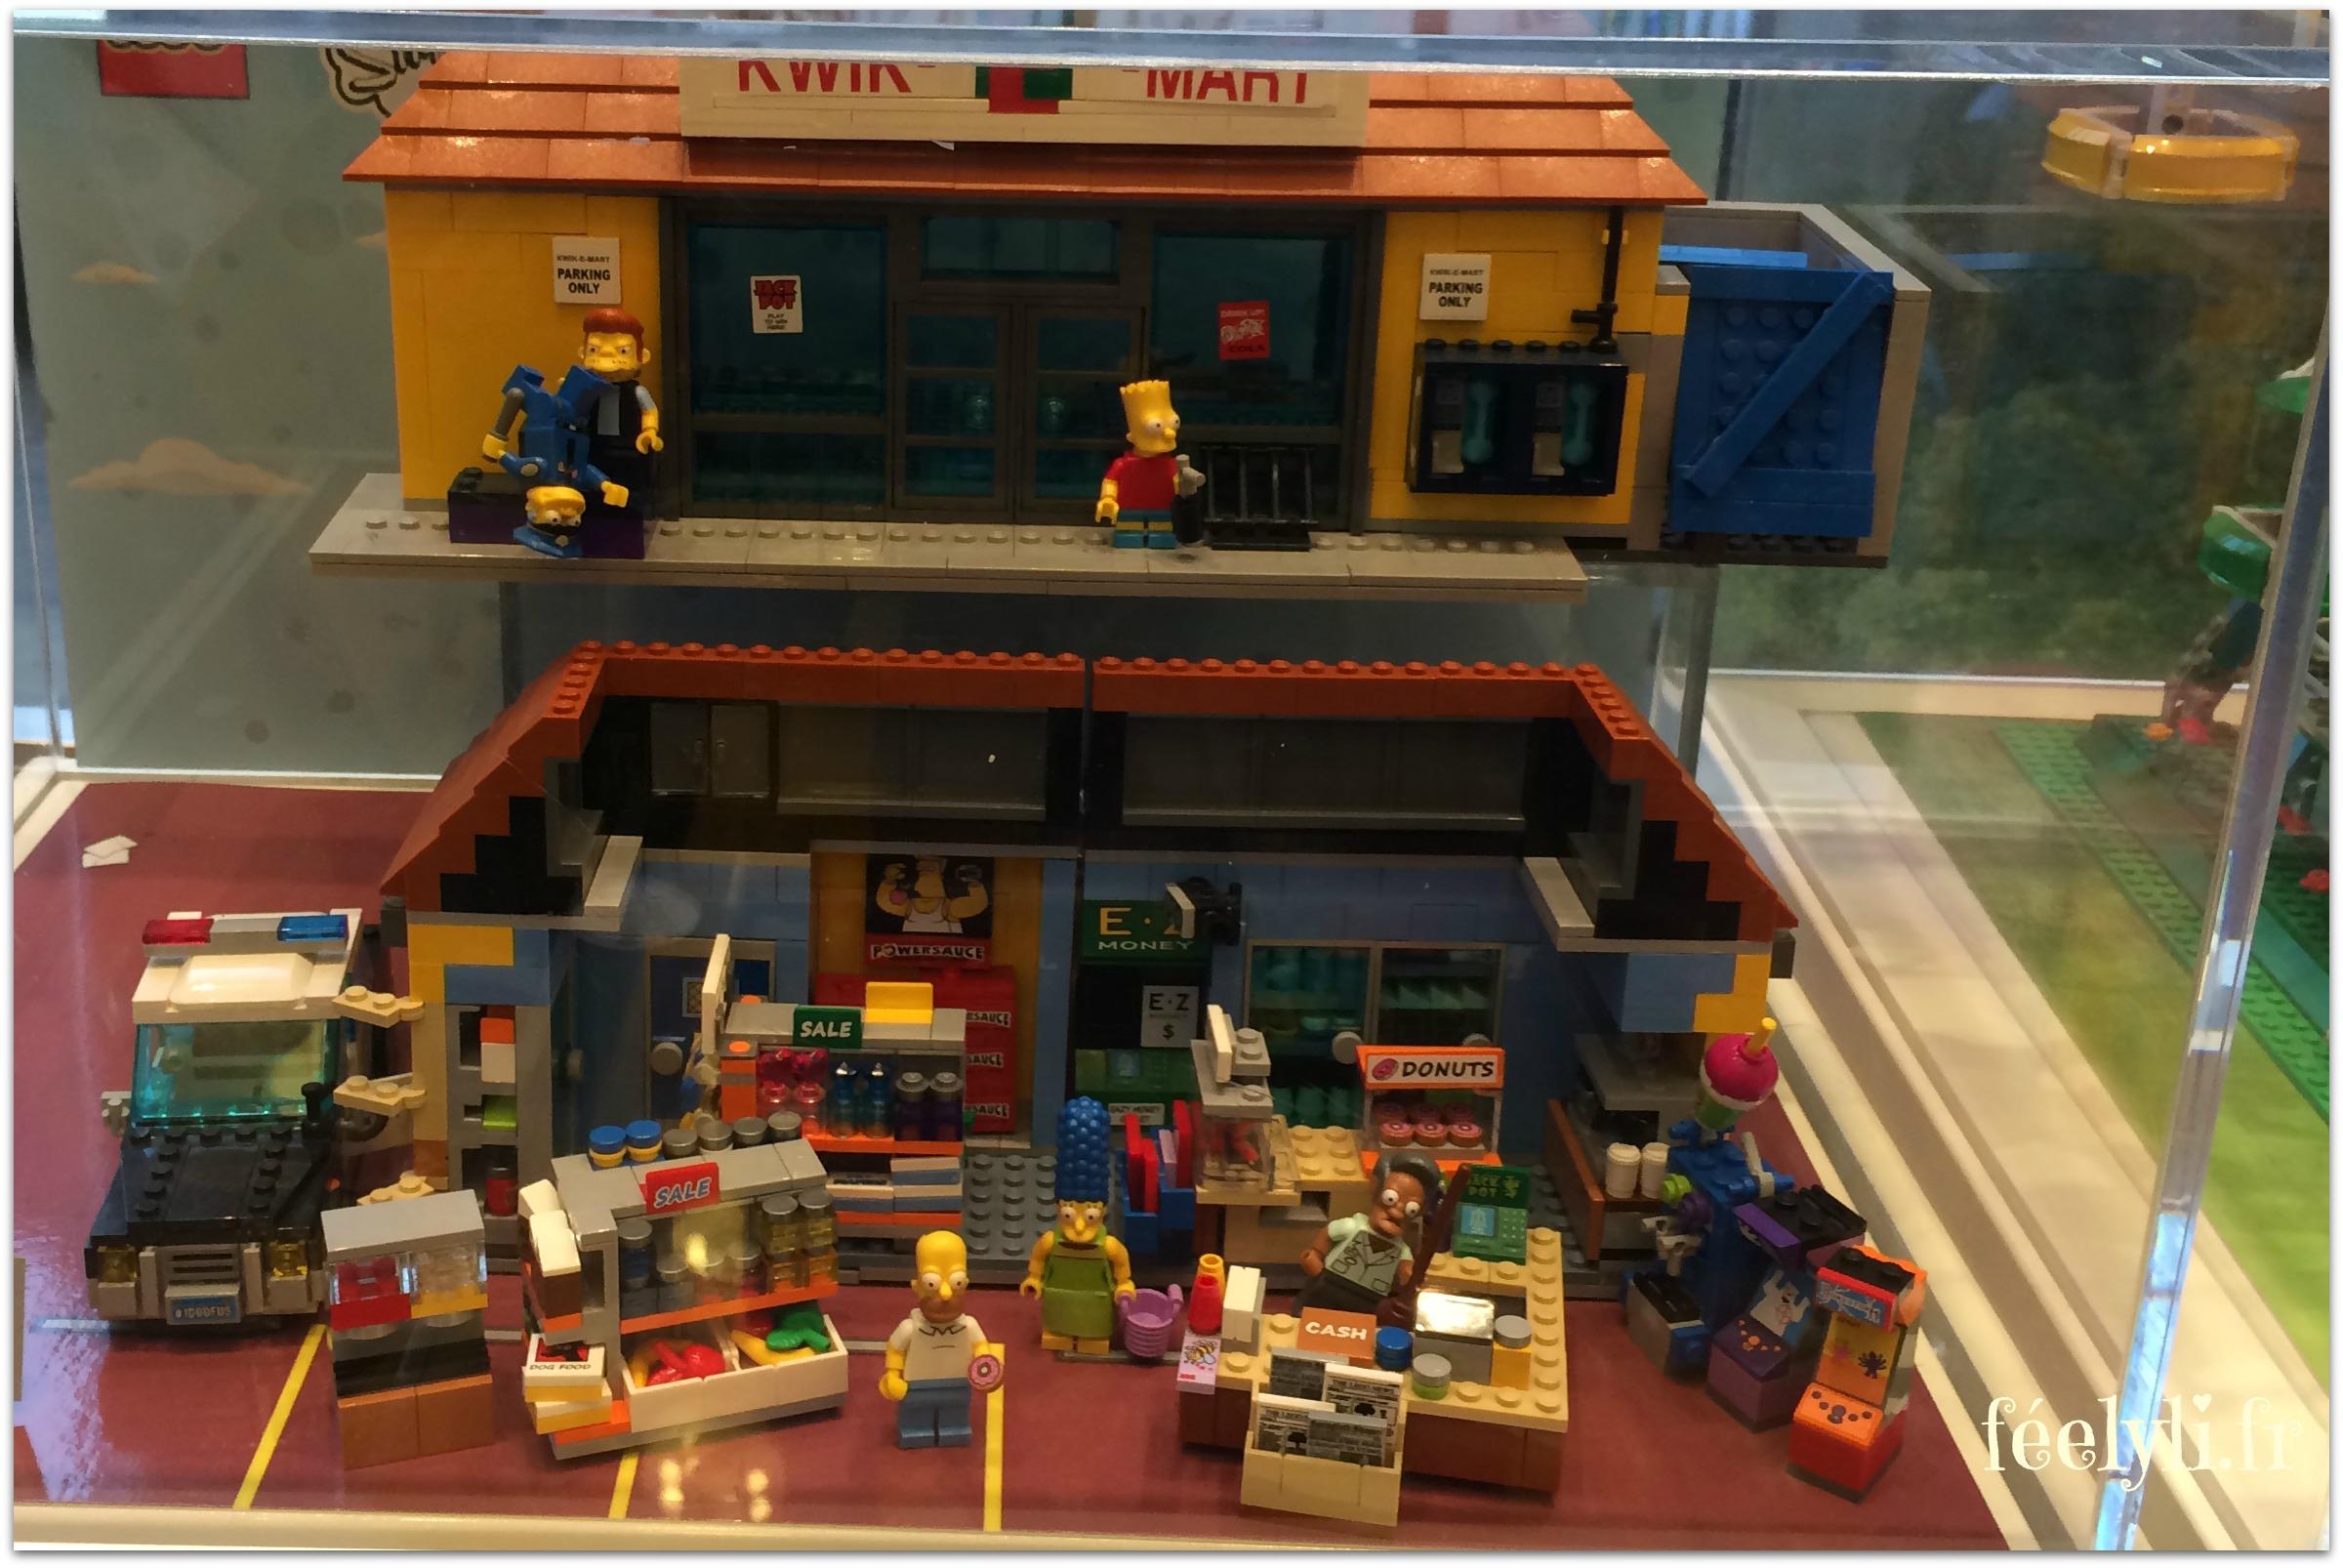 kwik market lego